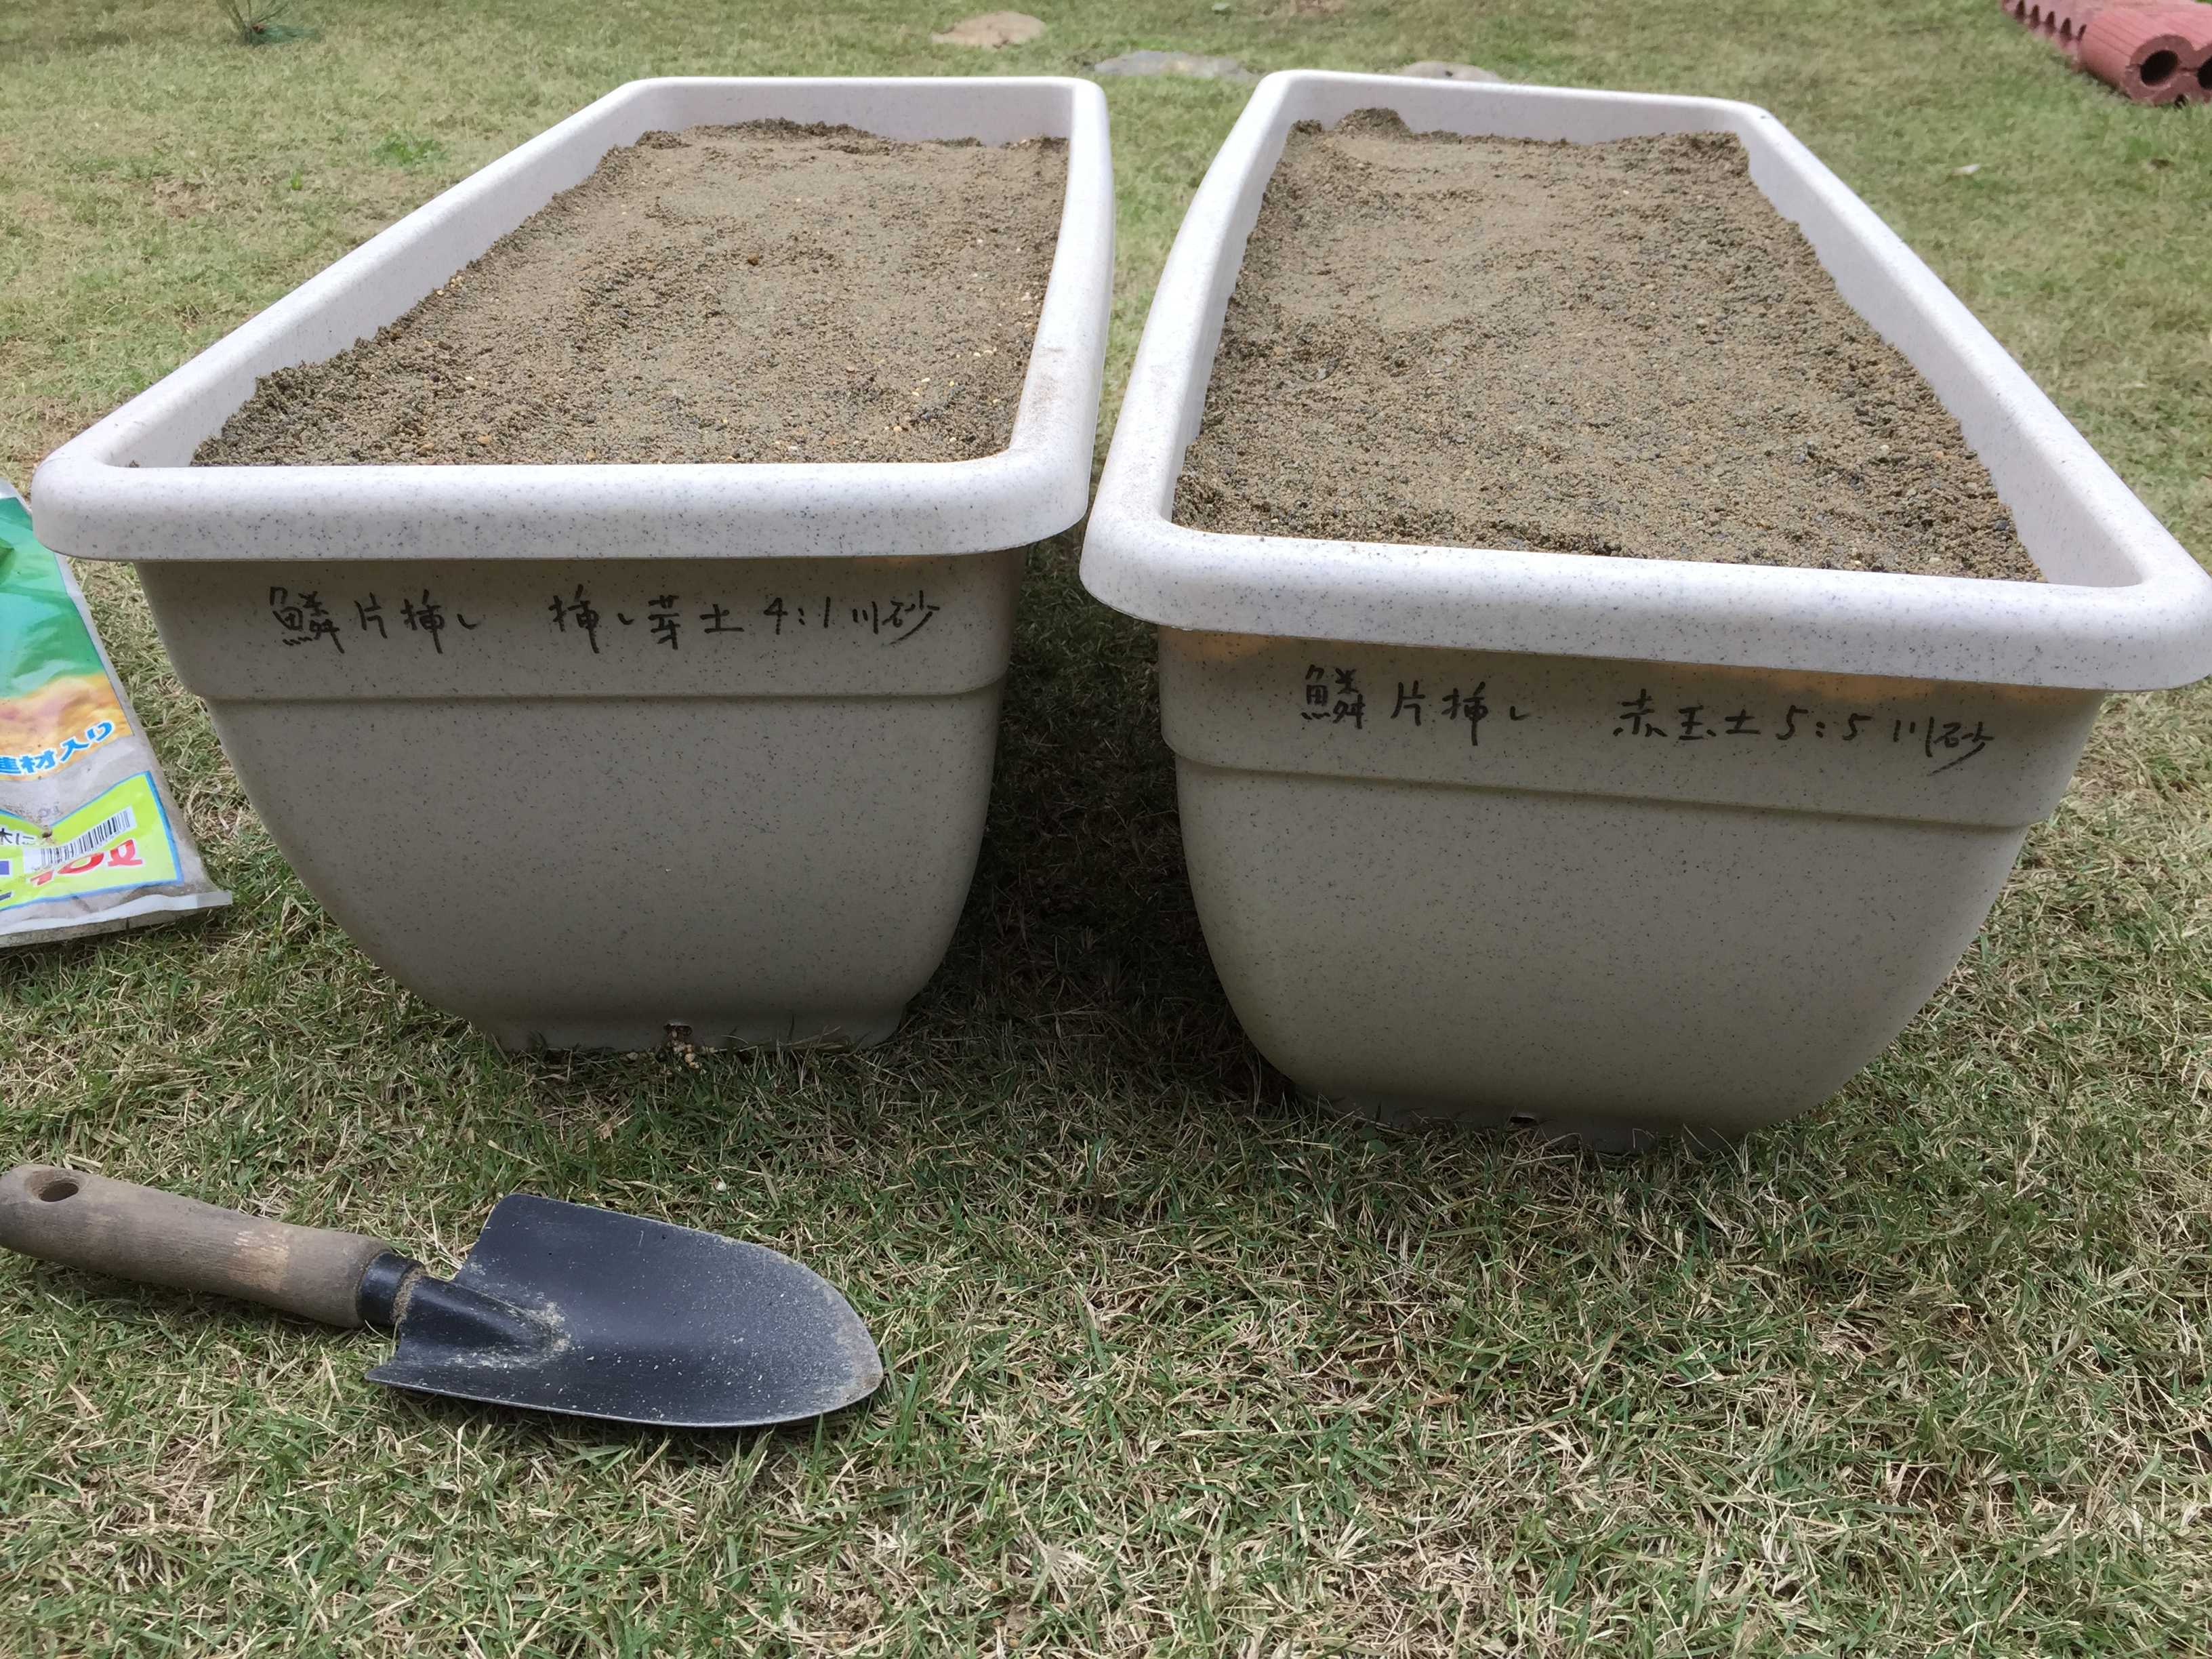 ヤマユリの鱗片挿しのプランター - 用土の配合比率